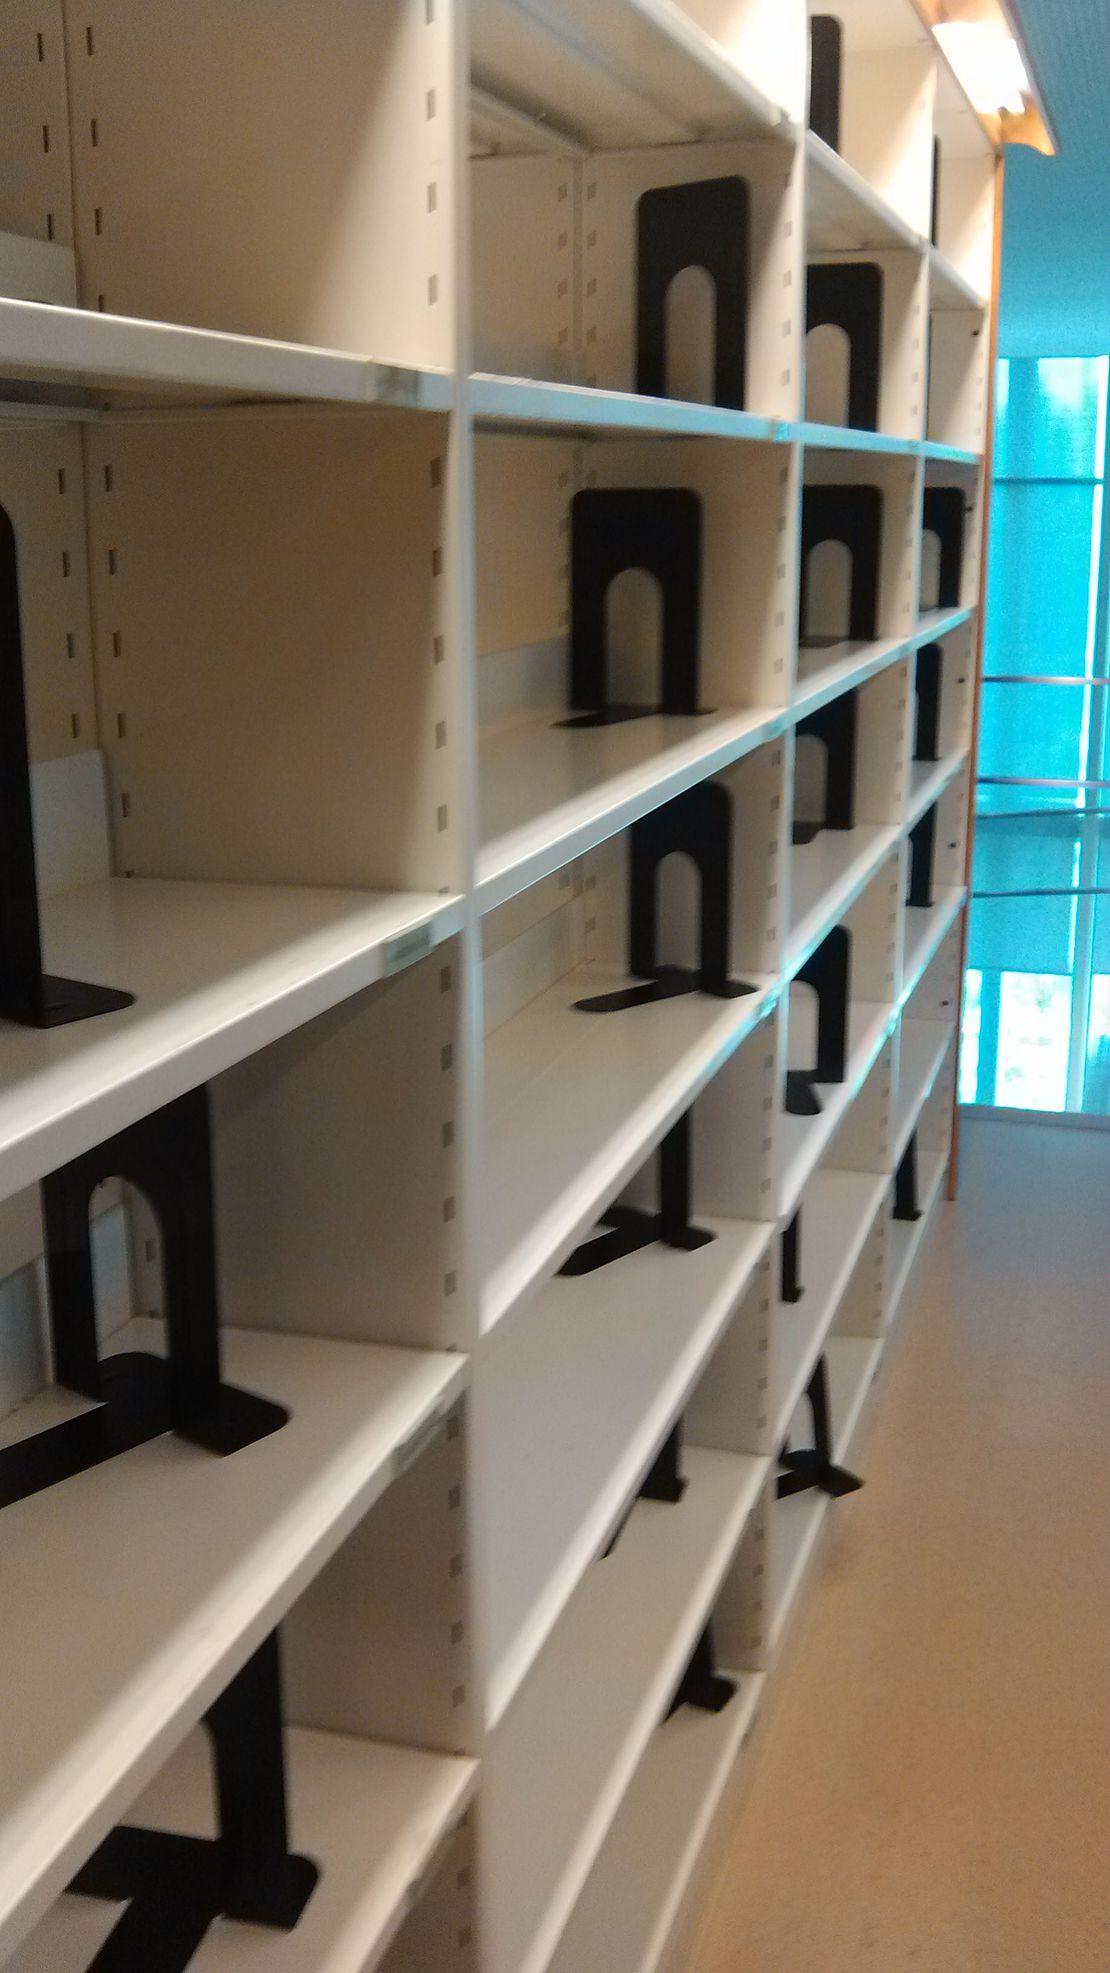 我勒个去啊现在去图书馆除了抢座位还要带抢书的……